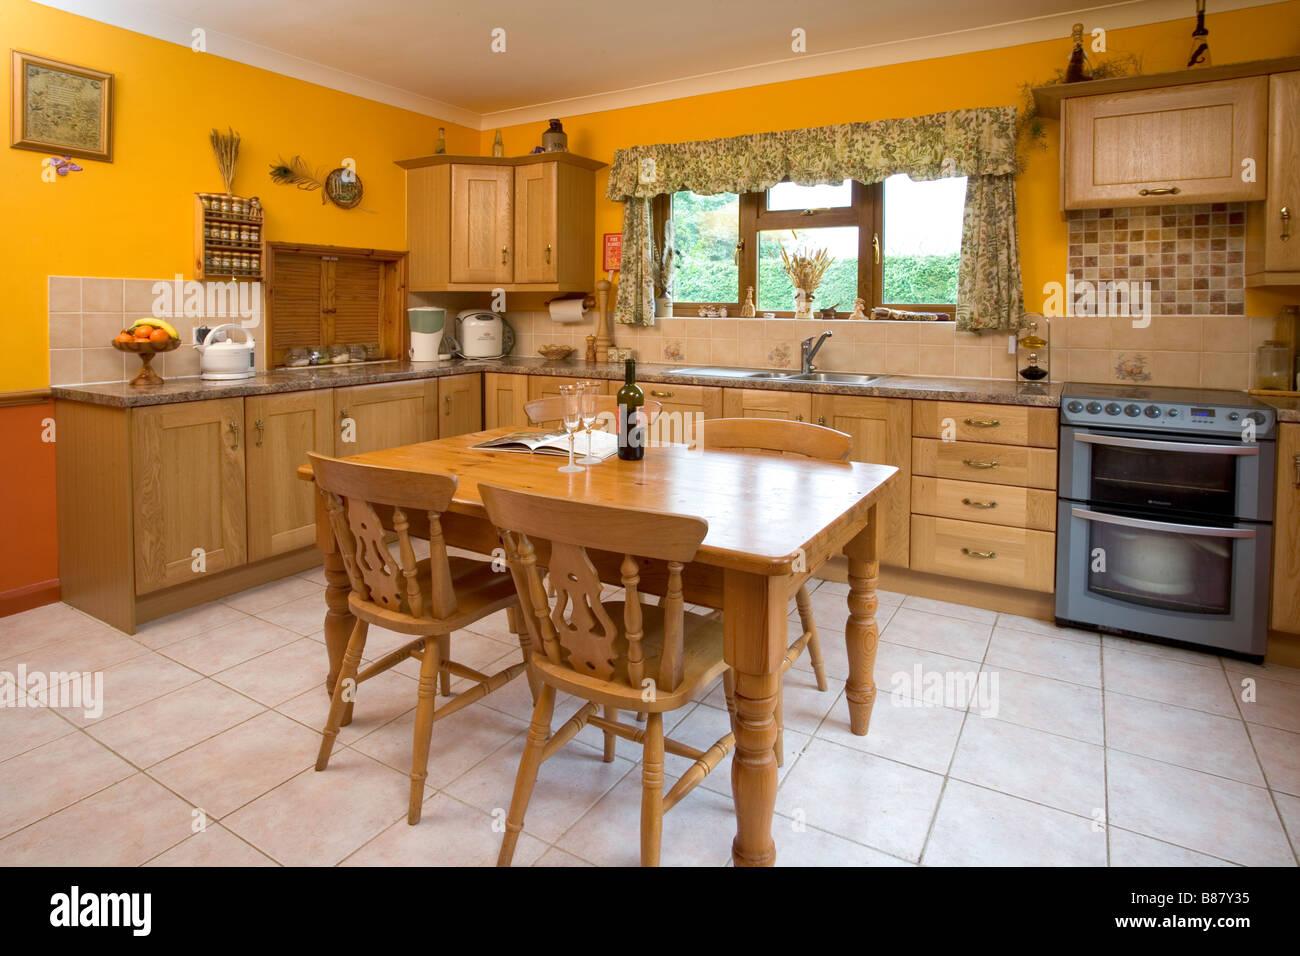 Moderno Cocina Comedor Muebles Reino Unido Friso - Como Decorar la ...